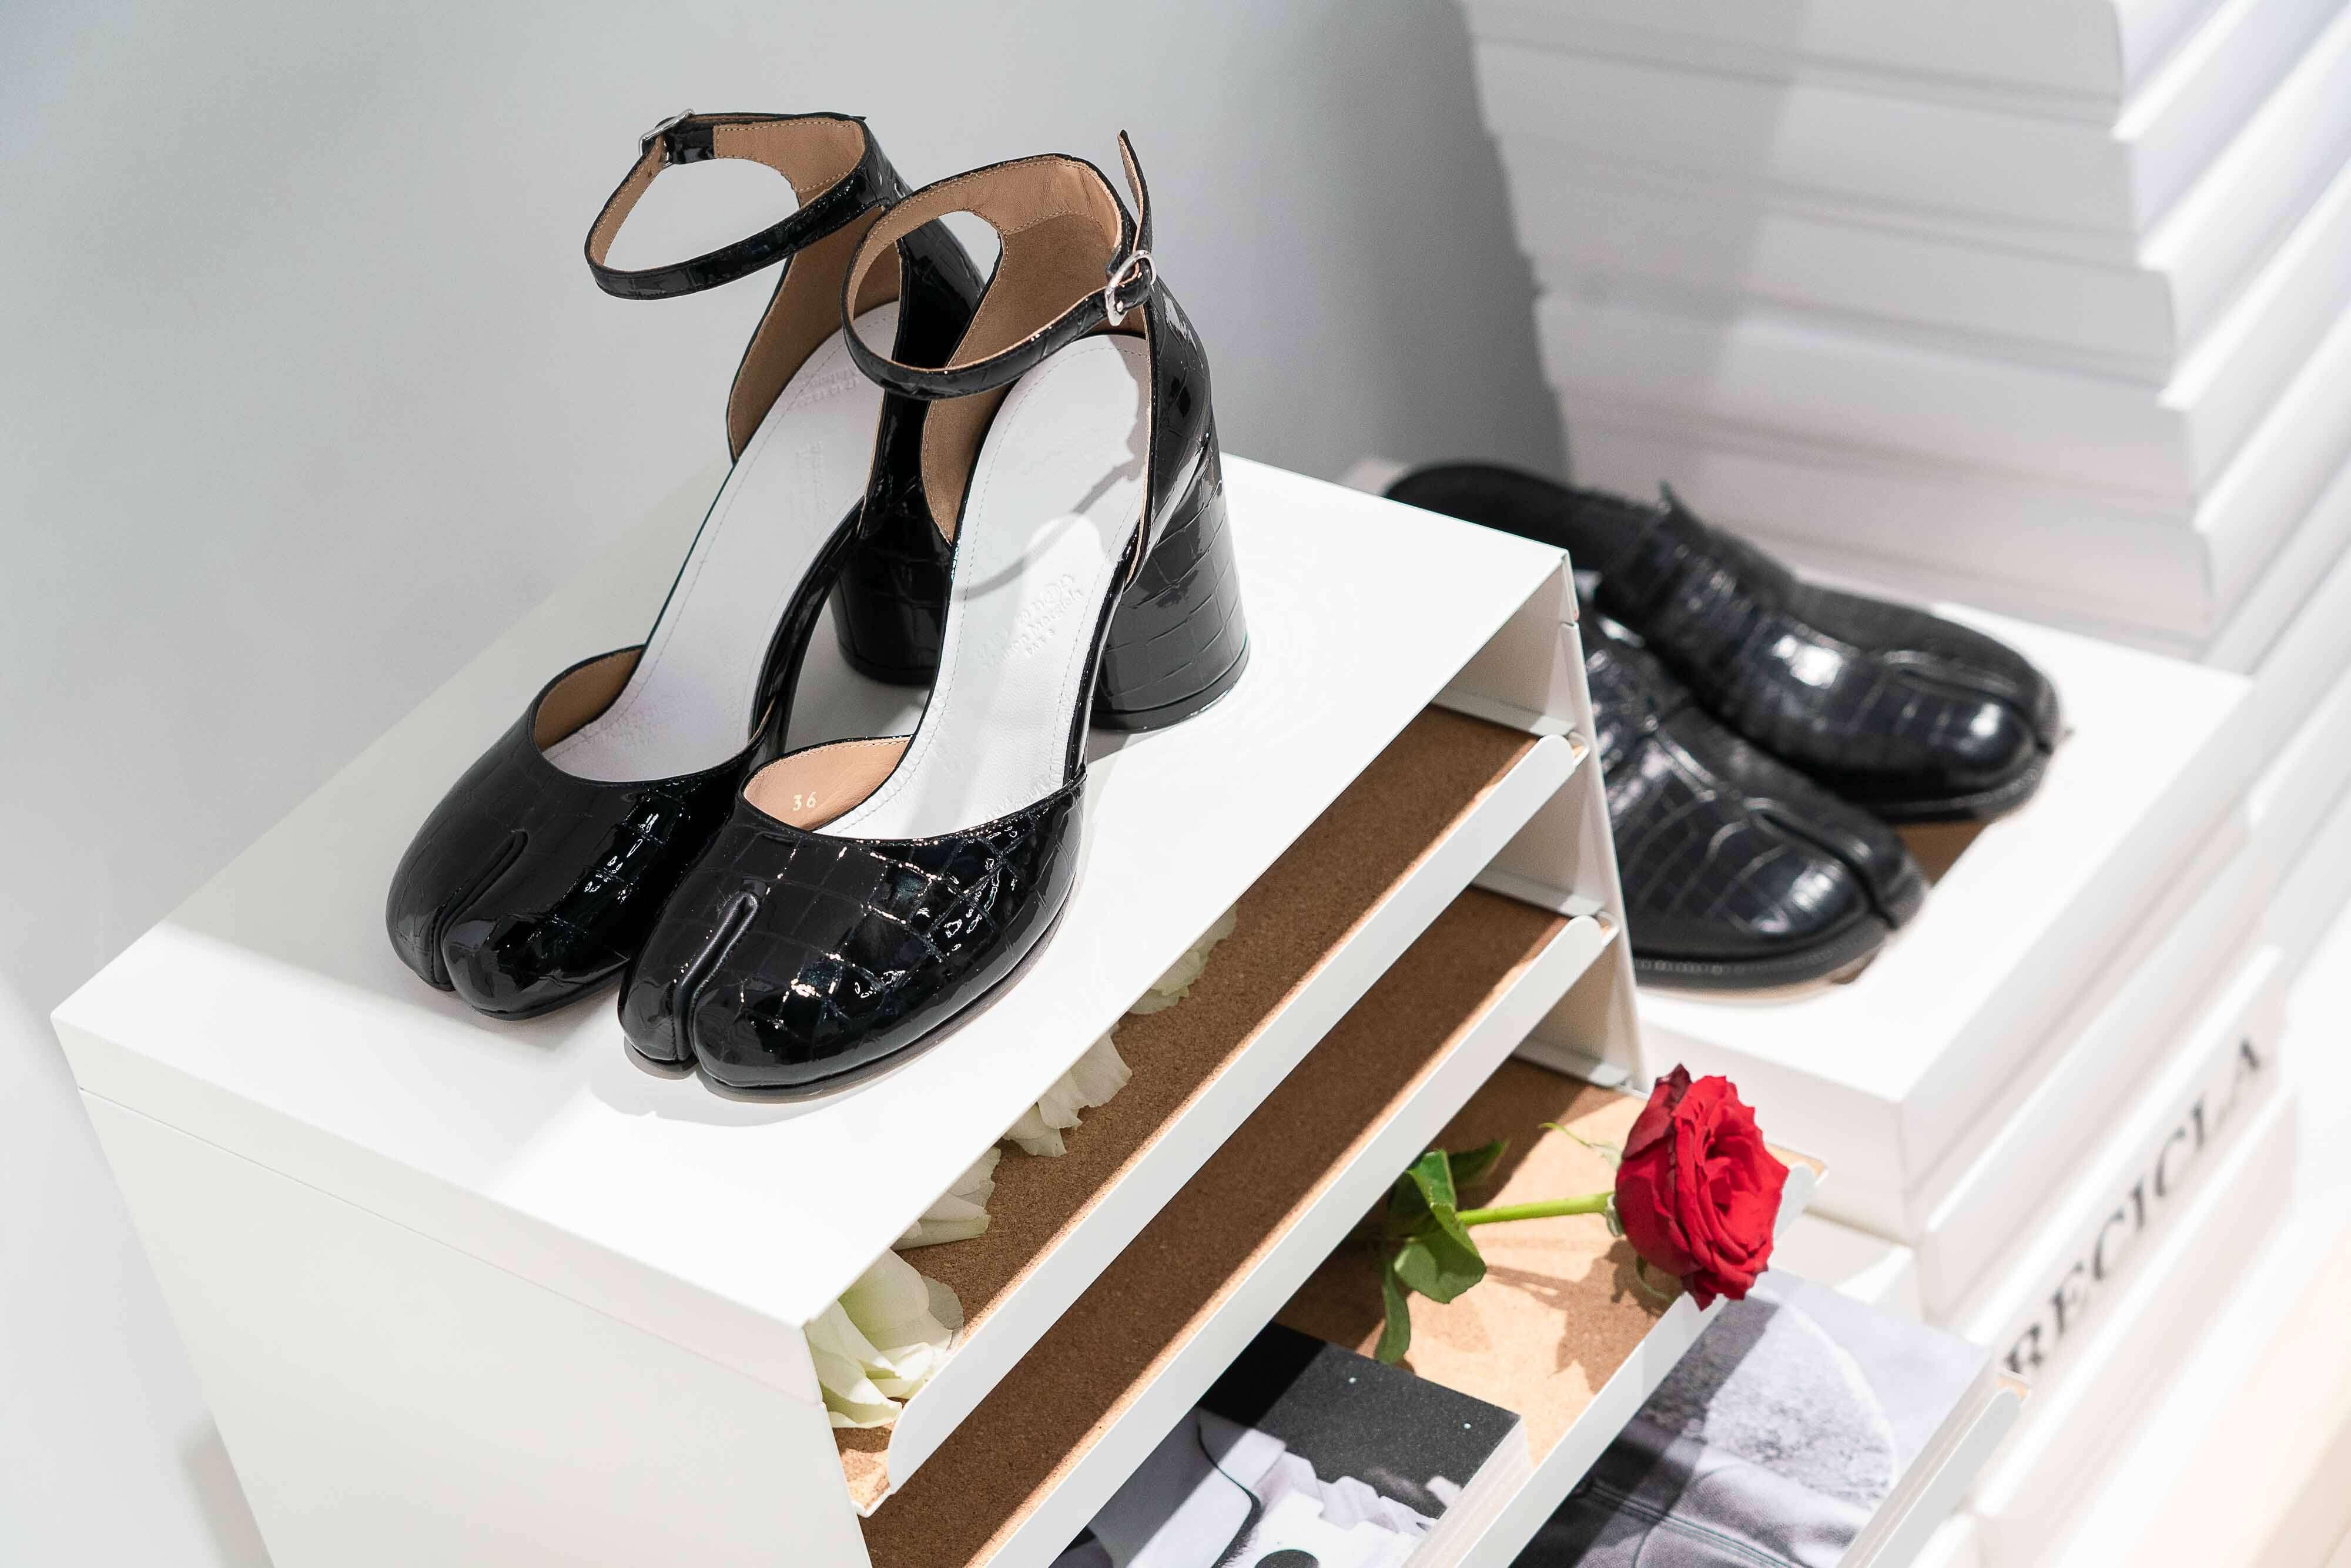 2020秋冬系統不僅重新致敬Tabi分趾鞋,還延伸推出各種不同鞋型的分趾鞋設計